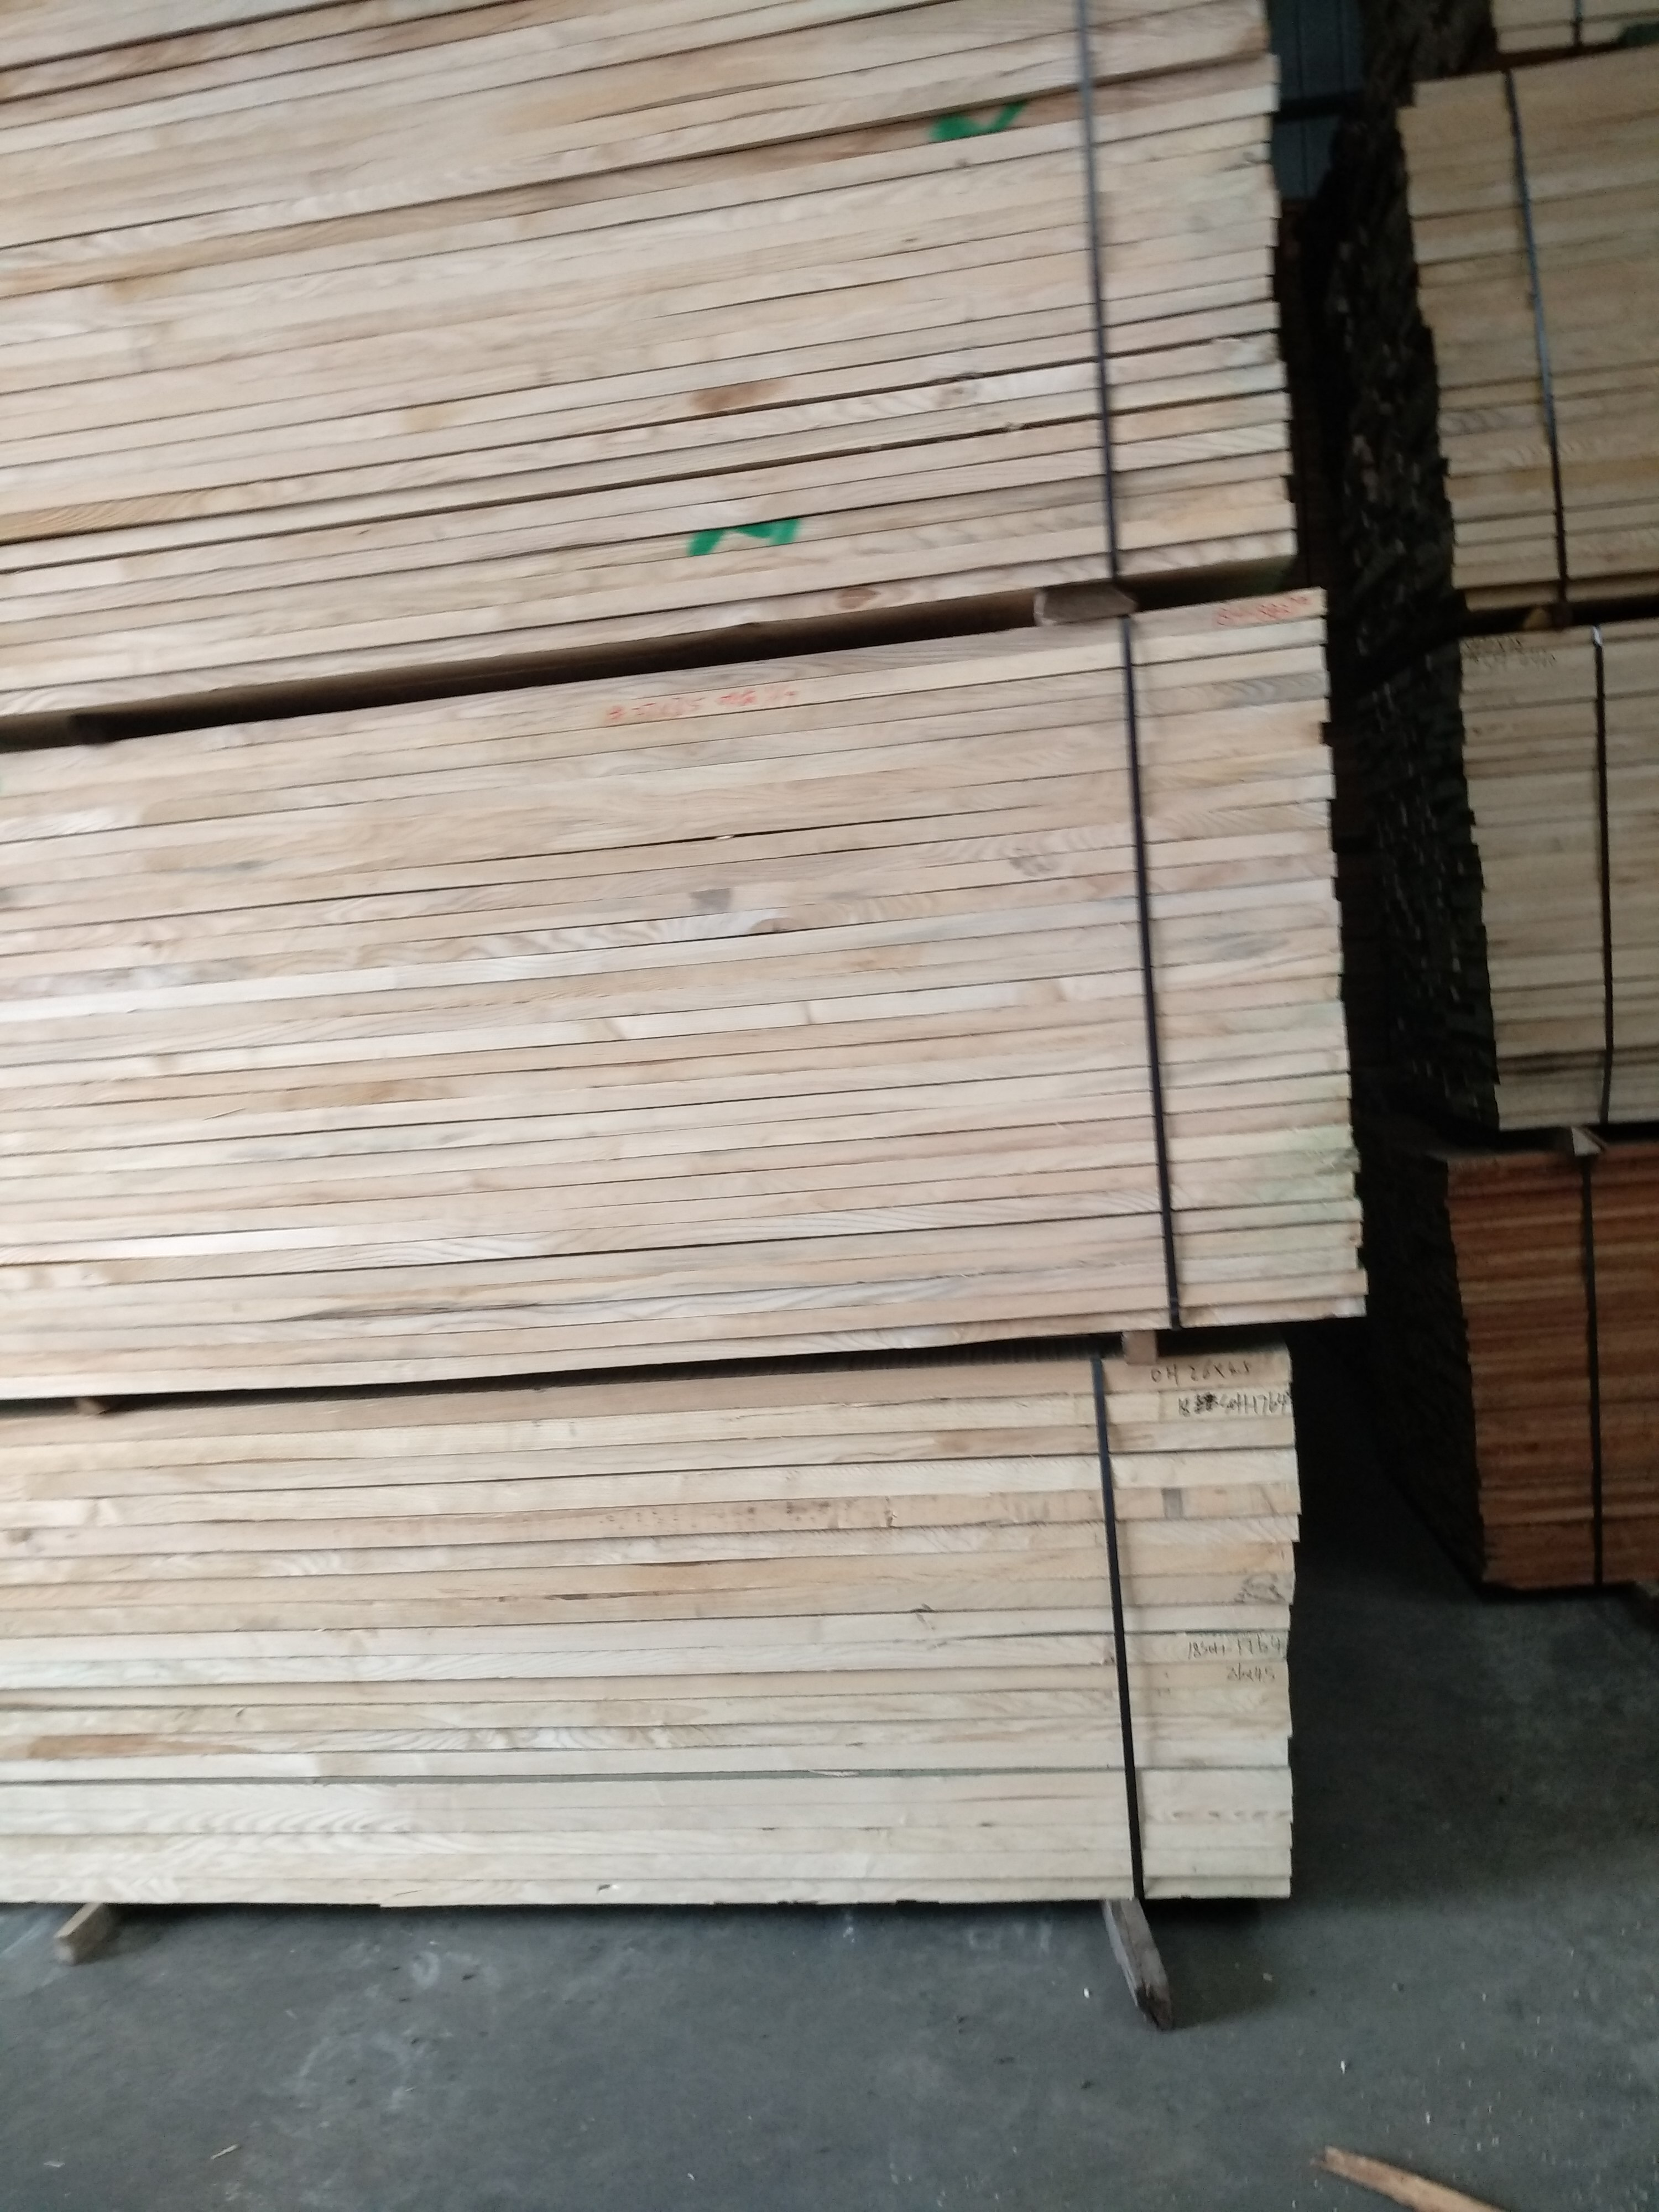 进口北美白蜡木板 FAS特级白蜡实木板供应商厂家直销 白蜡木板板材-厂家供应商